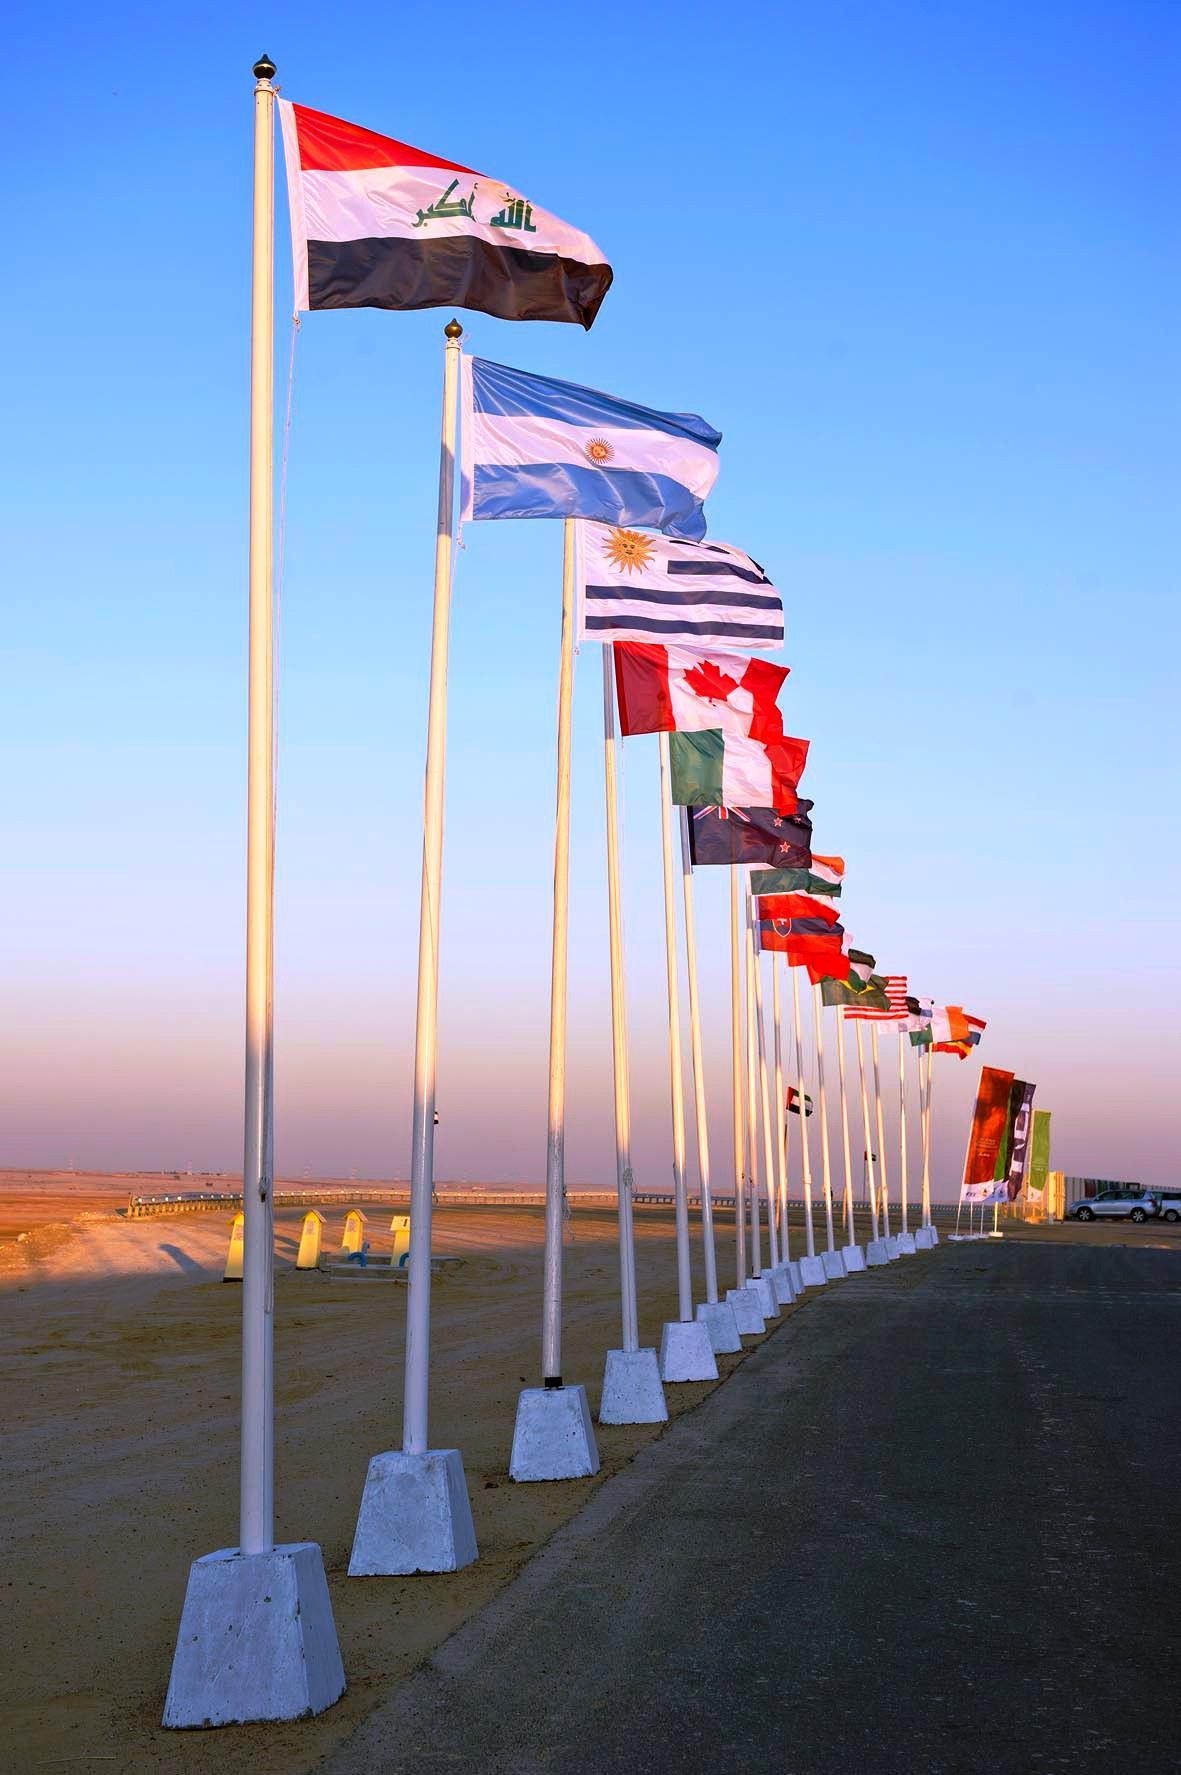 HOISTING FLAGS